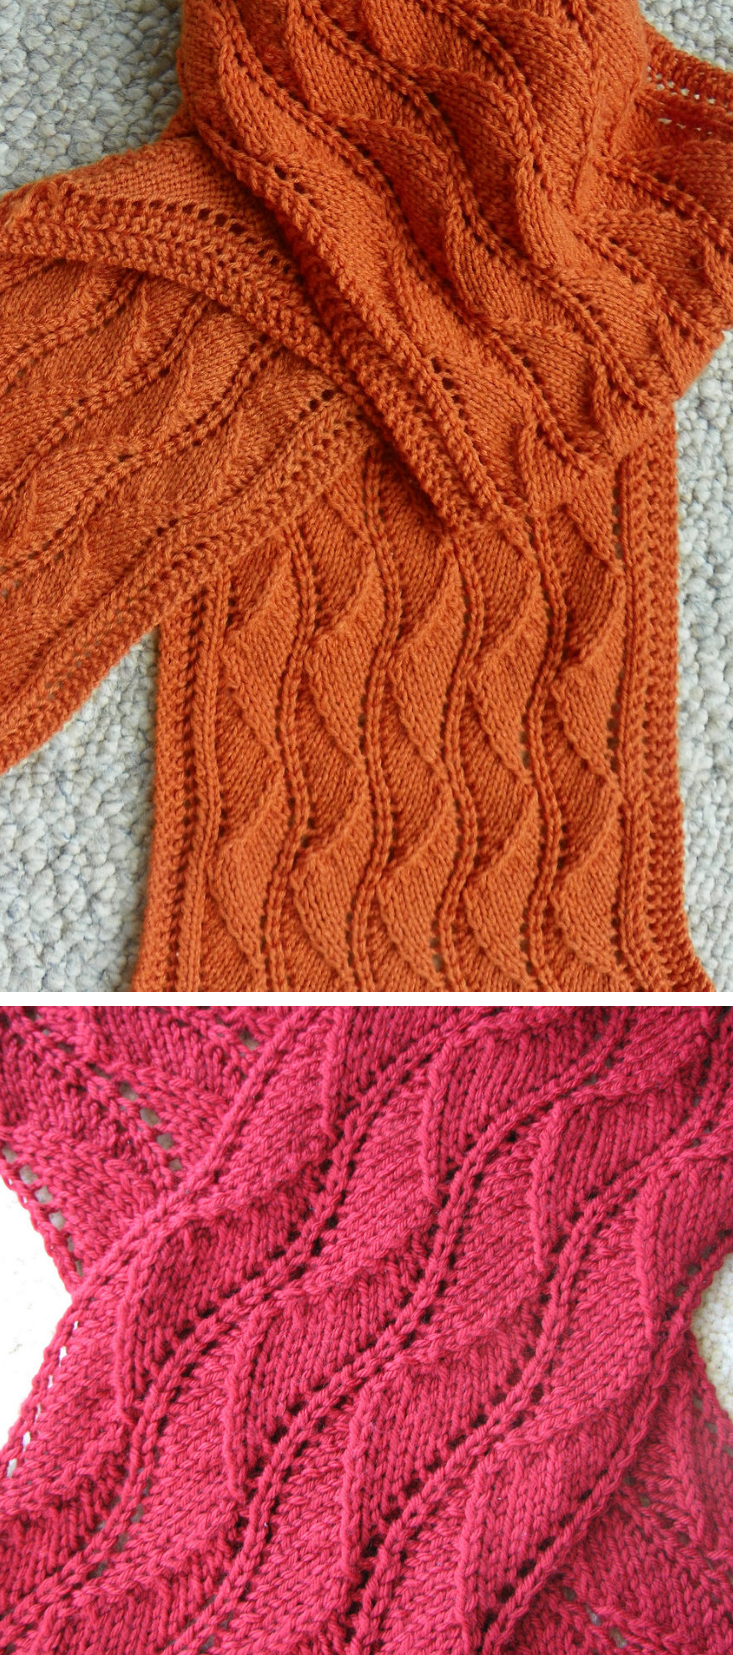 Lace Shawl and Wrap Knitting Patterns | Lace patterns, Knitting ...